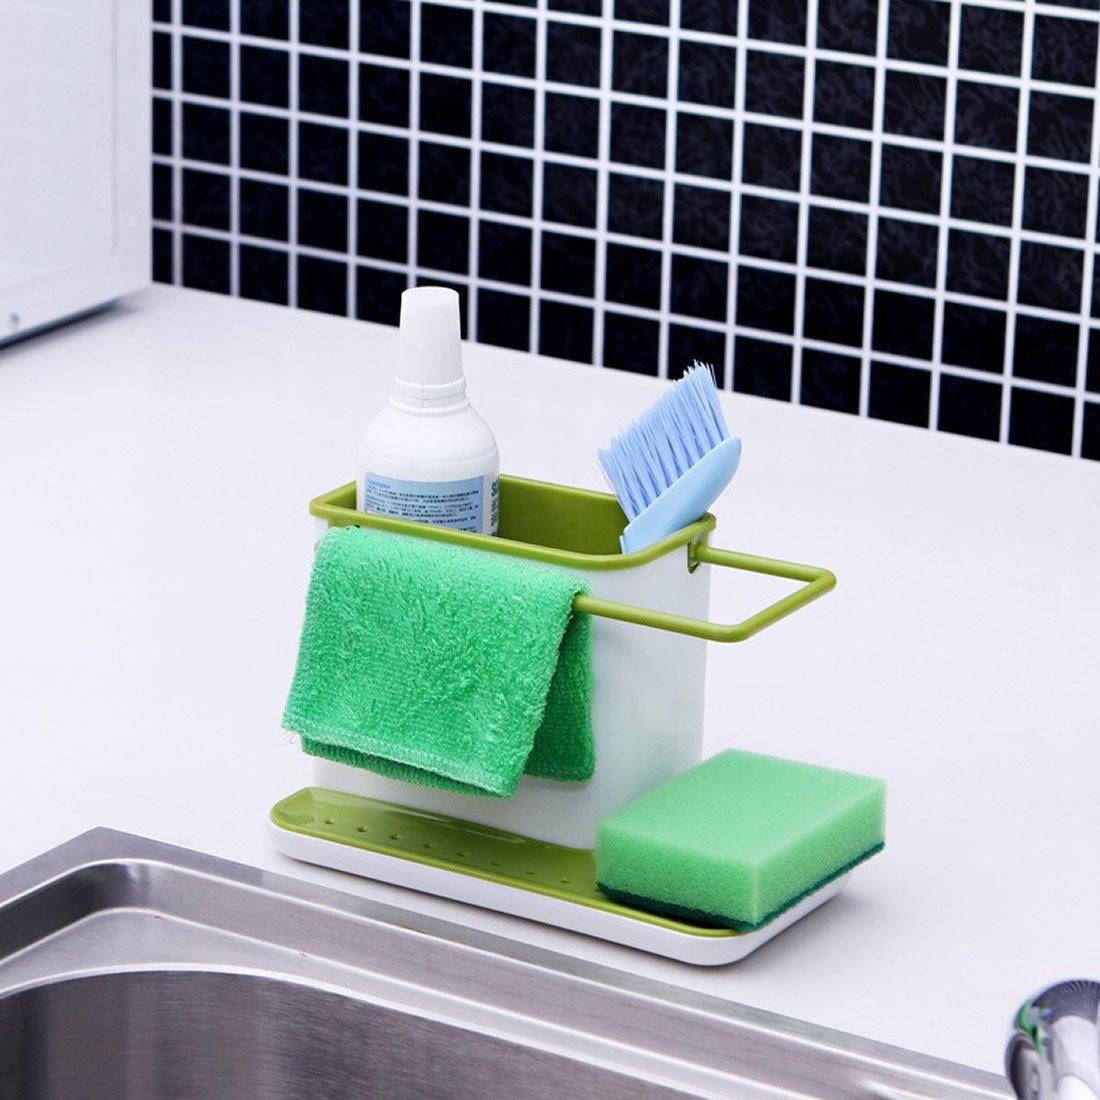 Organizador de fregadero para fregadero de cocina, organizador de lavabo, escurridor de fregadero, organizador de zona de lavabo, color blanco/verde LLFS